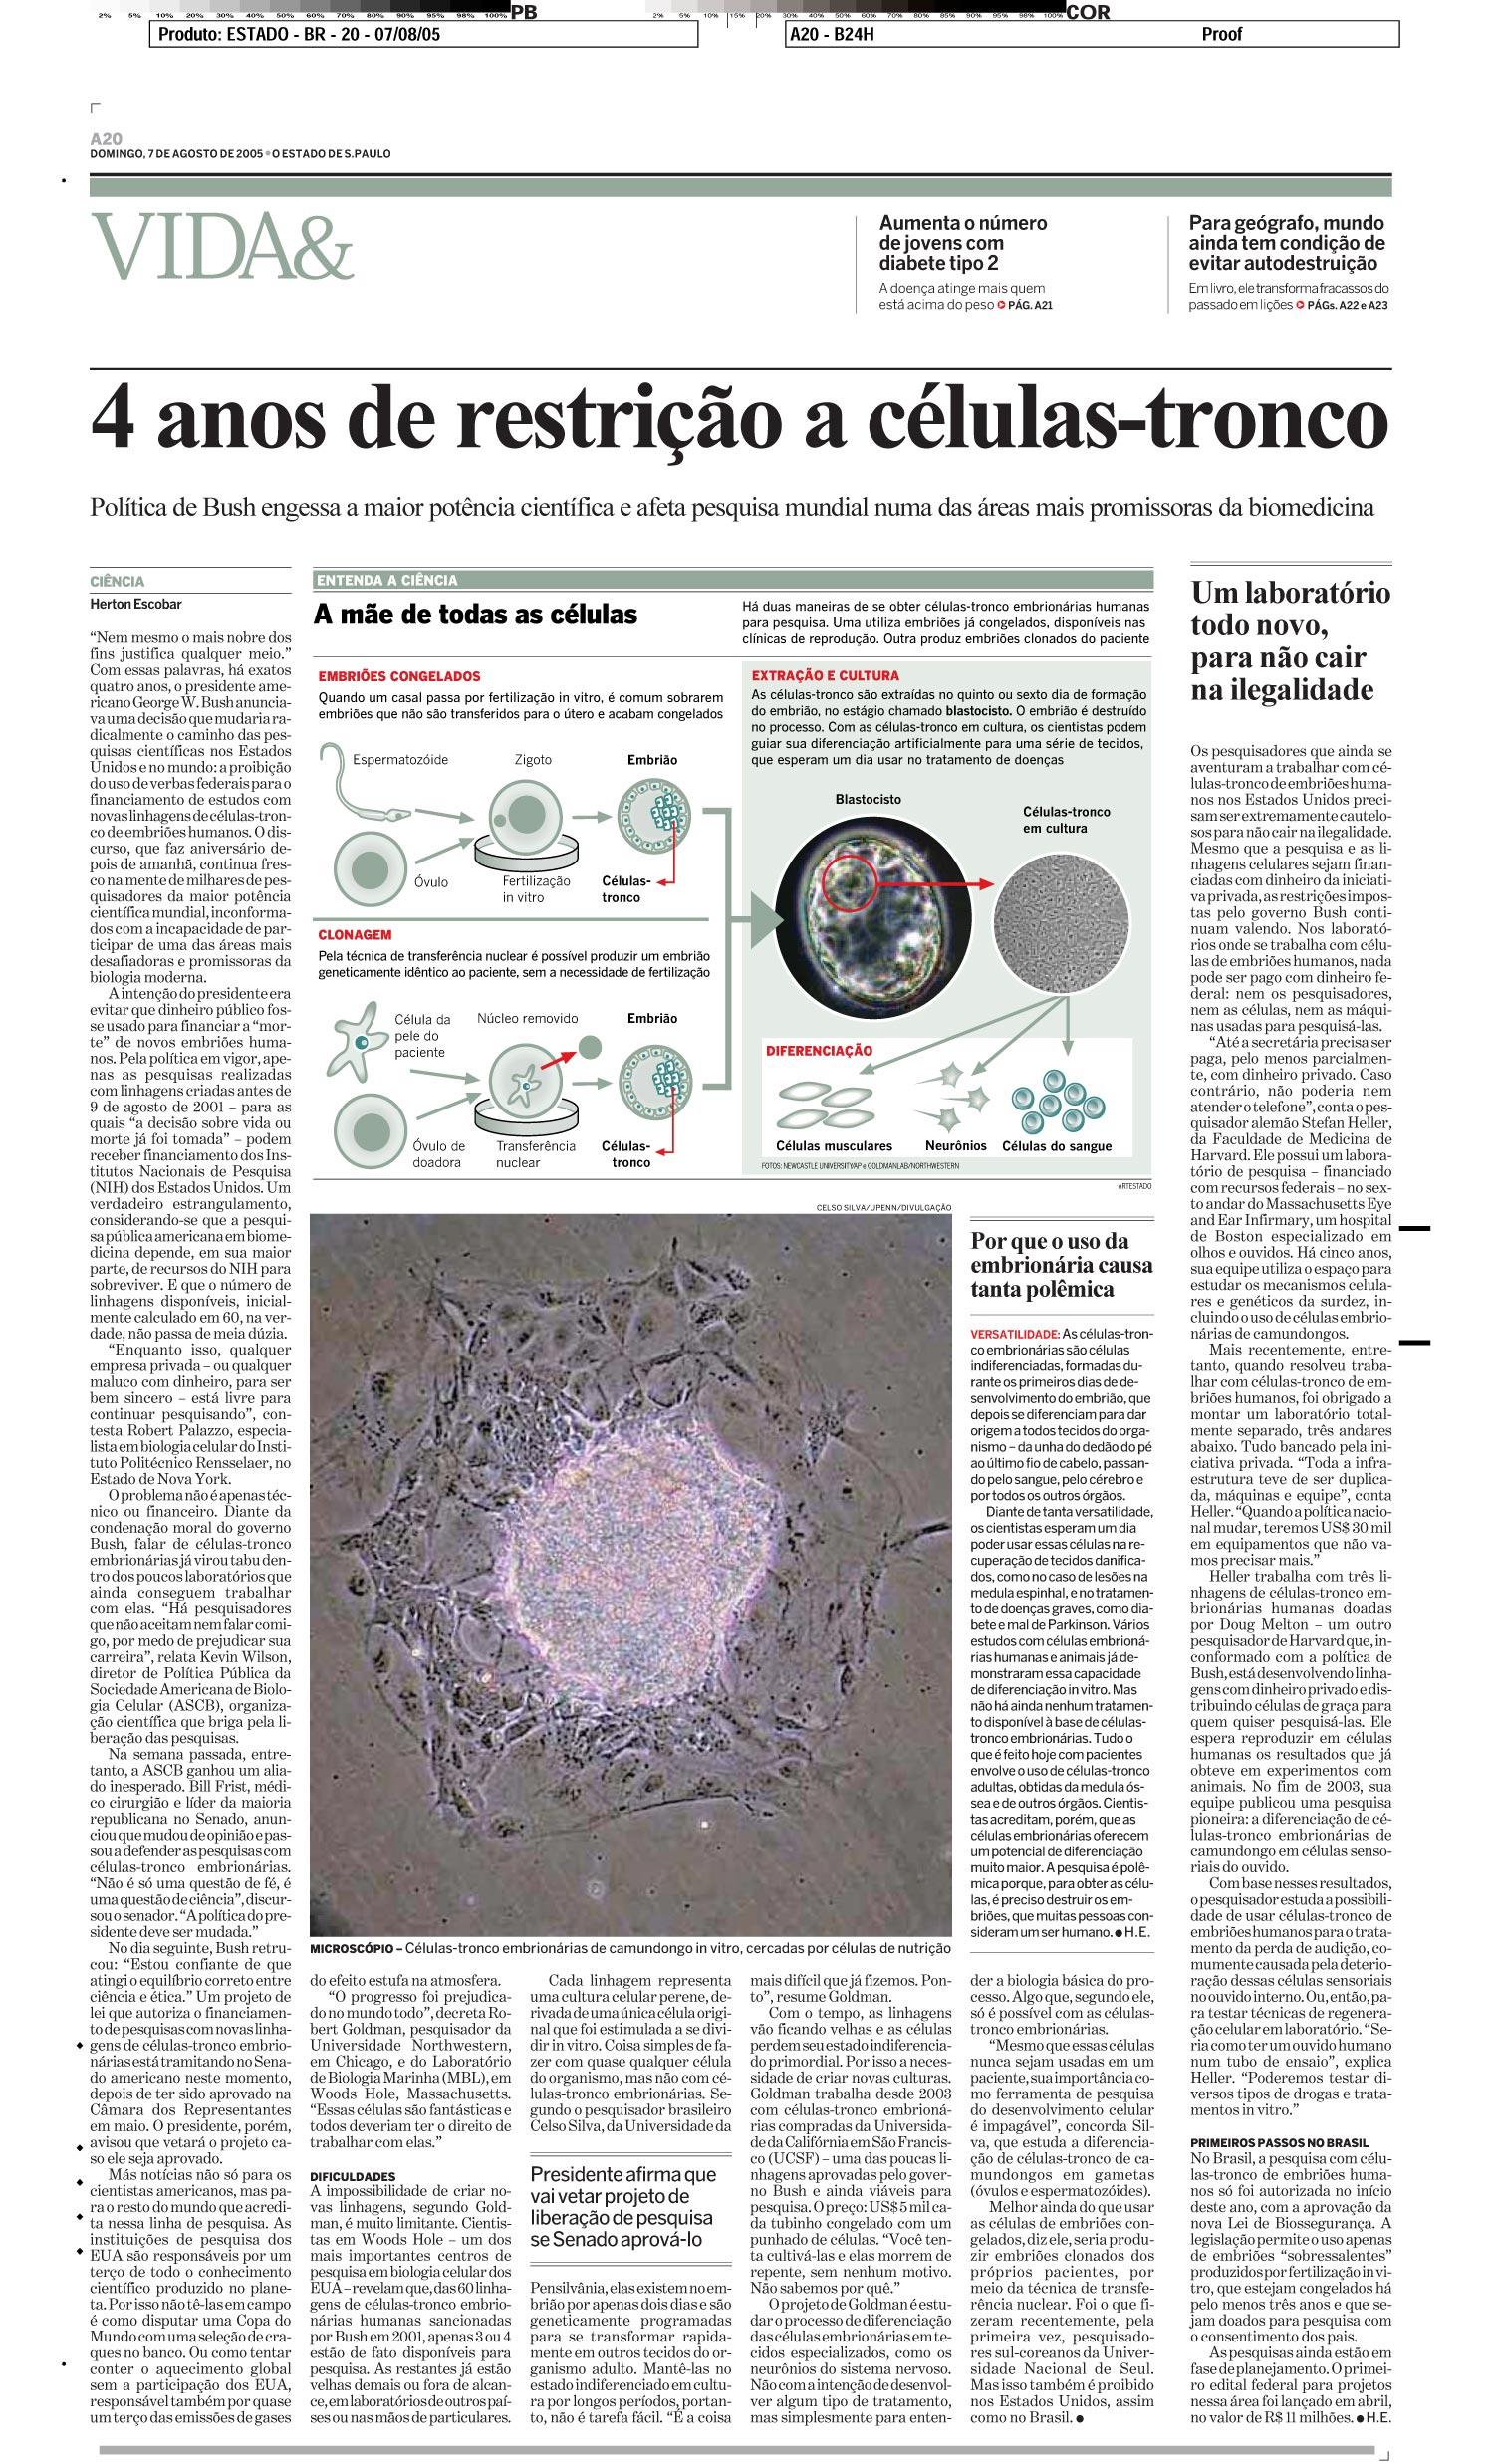 4 anos de restrição a células-tronco